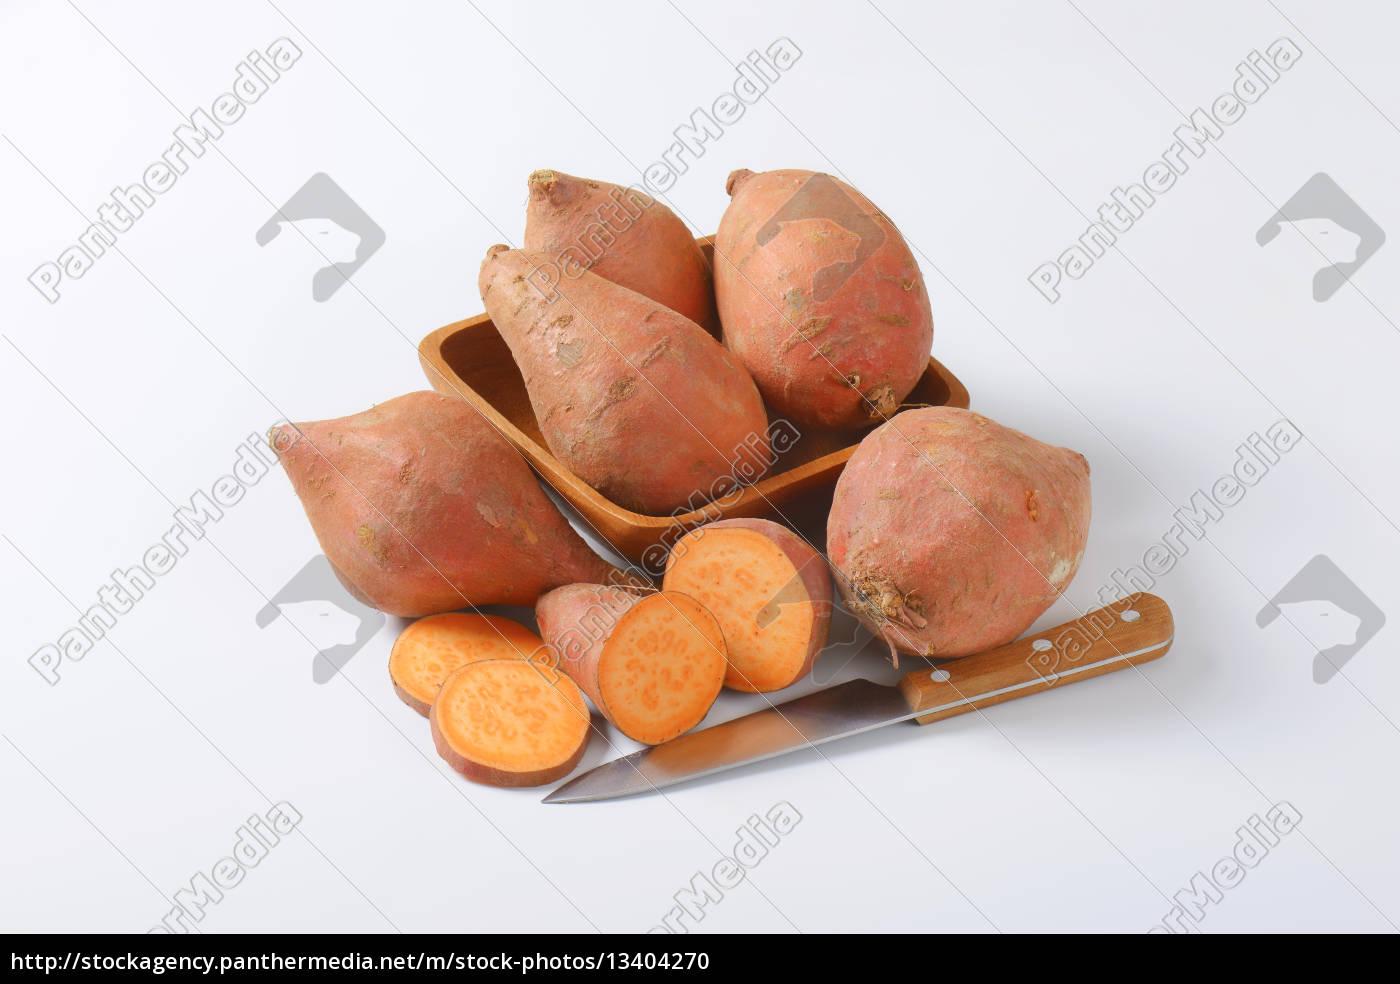 orange-fleshed, variety, of, sweet, potato - 13404270